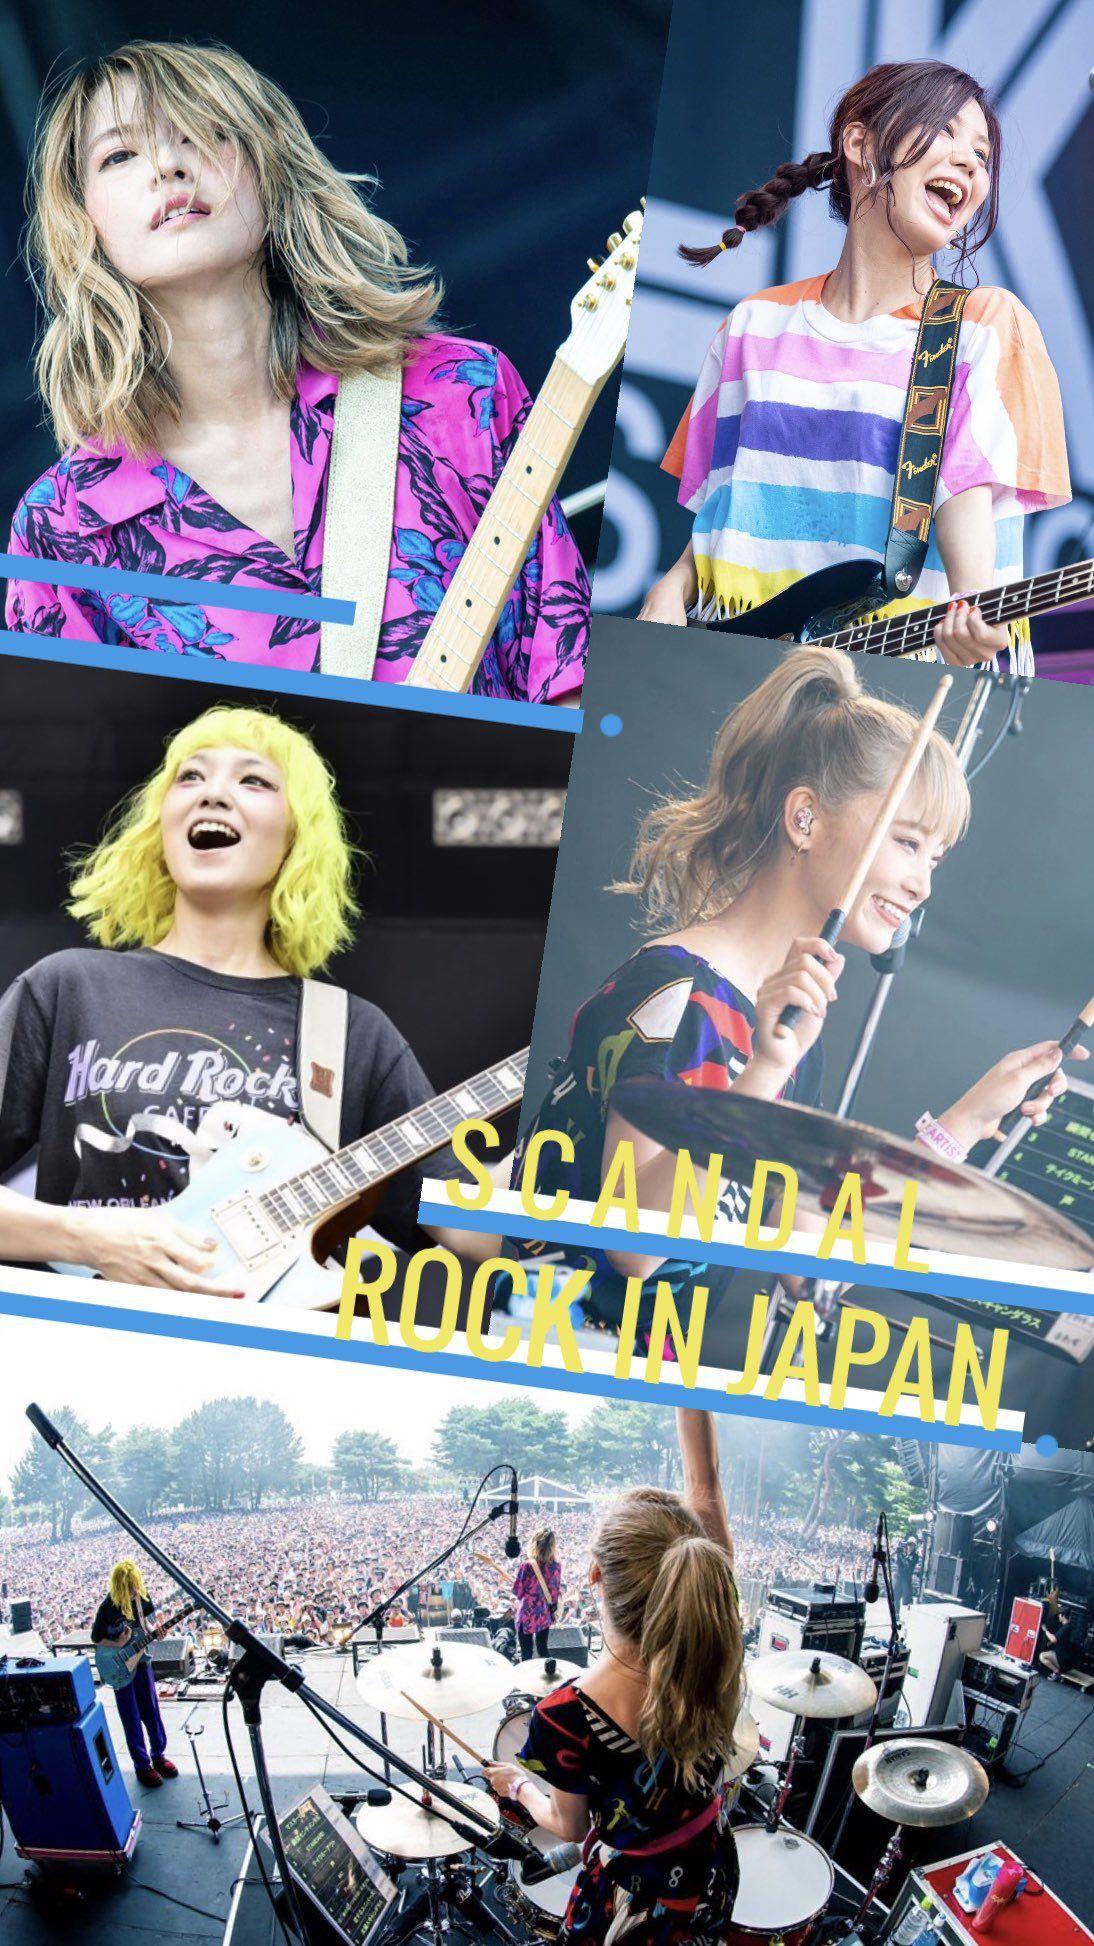 ゆか Scandal壁紙rt垢 Scandal Japanese Band Pop Punk Bands Scandal